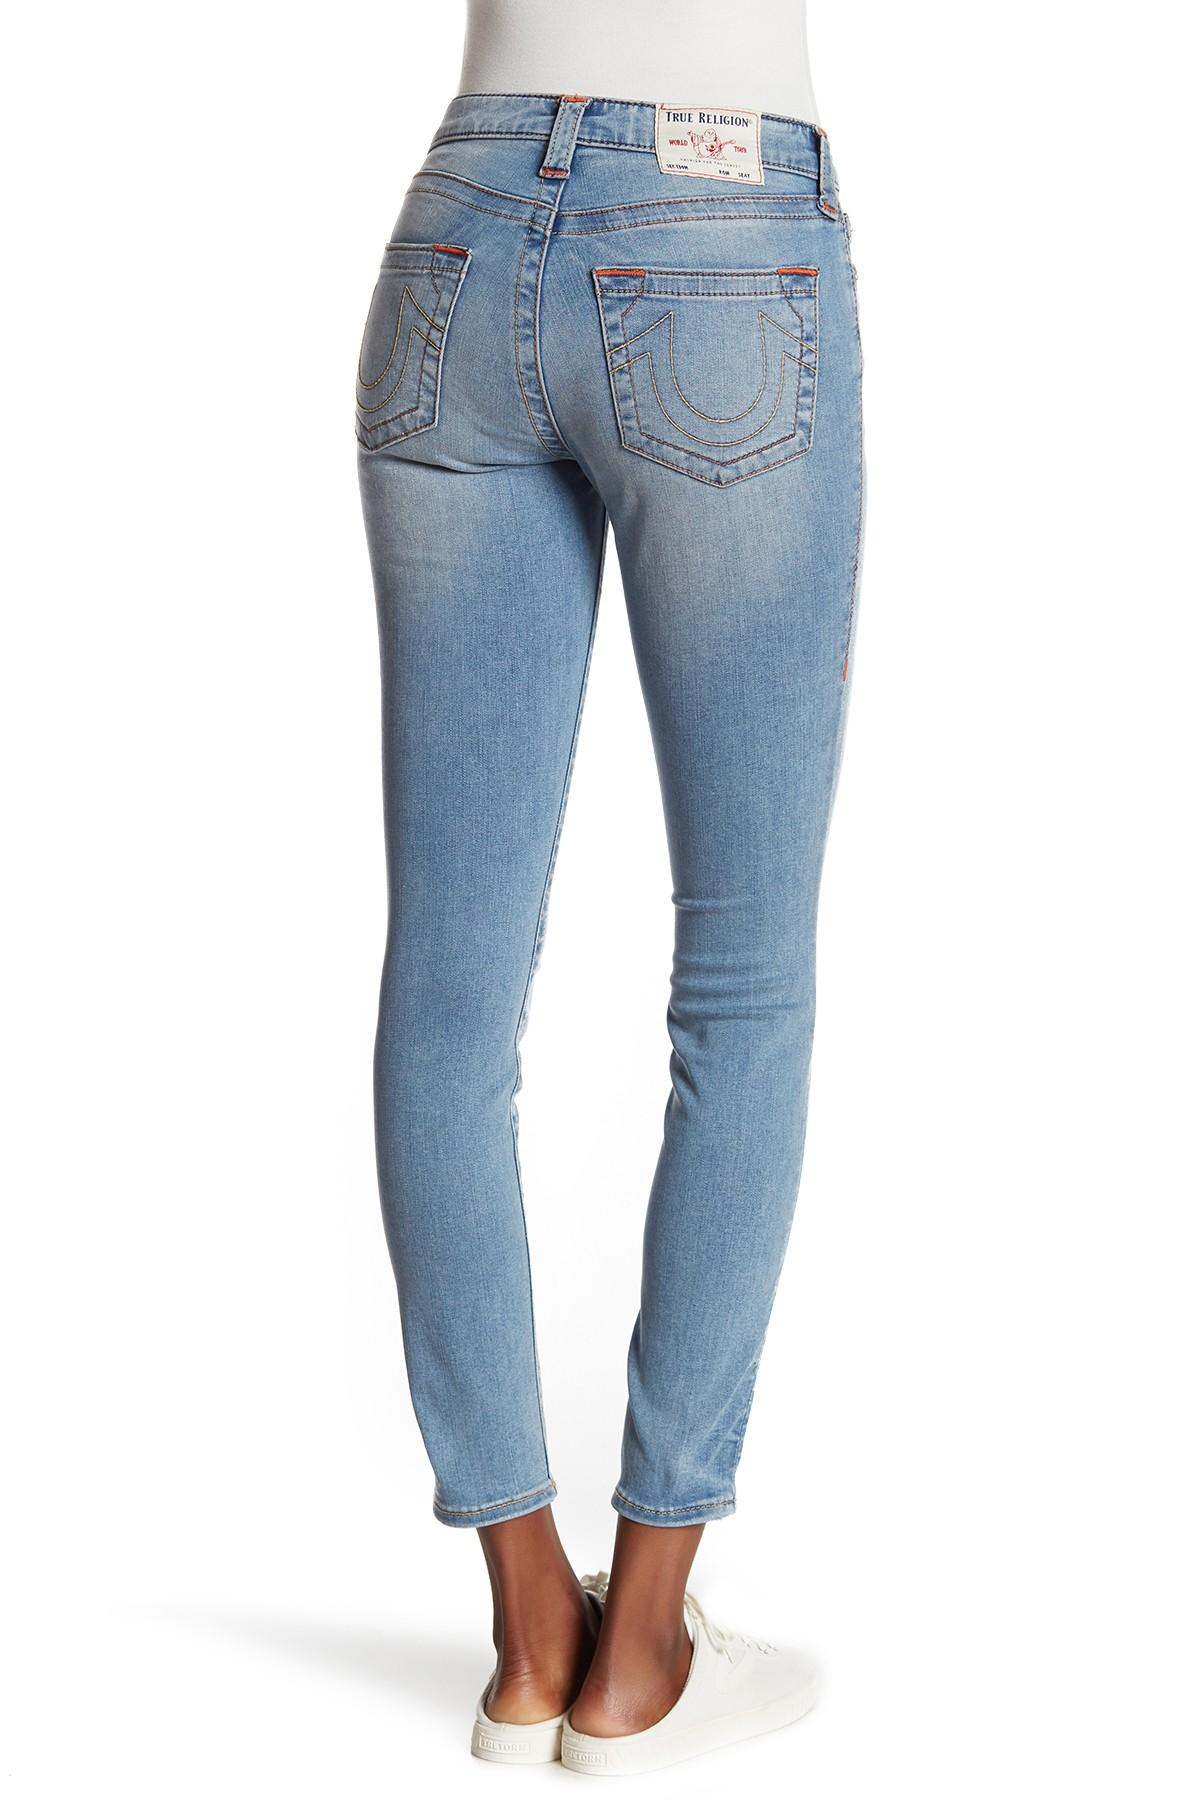 4677fb96c9d True Religion - Blue Jennie Mid Rise Curvy Skinny Jeans - Lyst. View  fullscreen